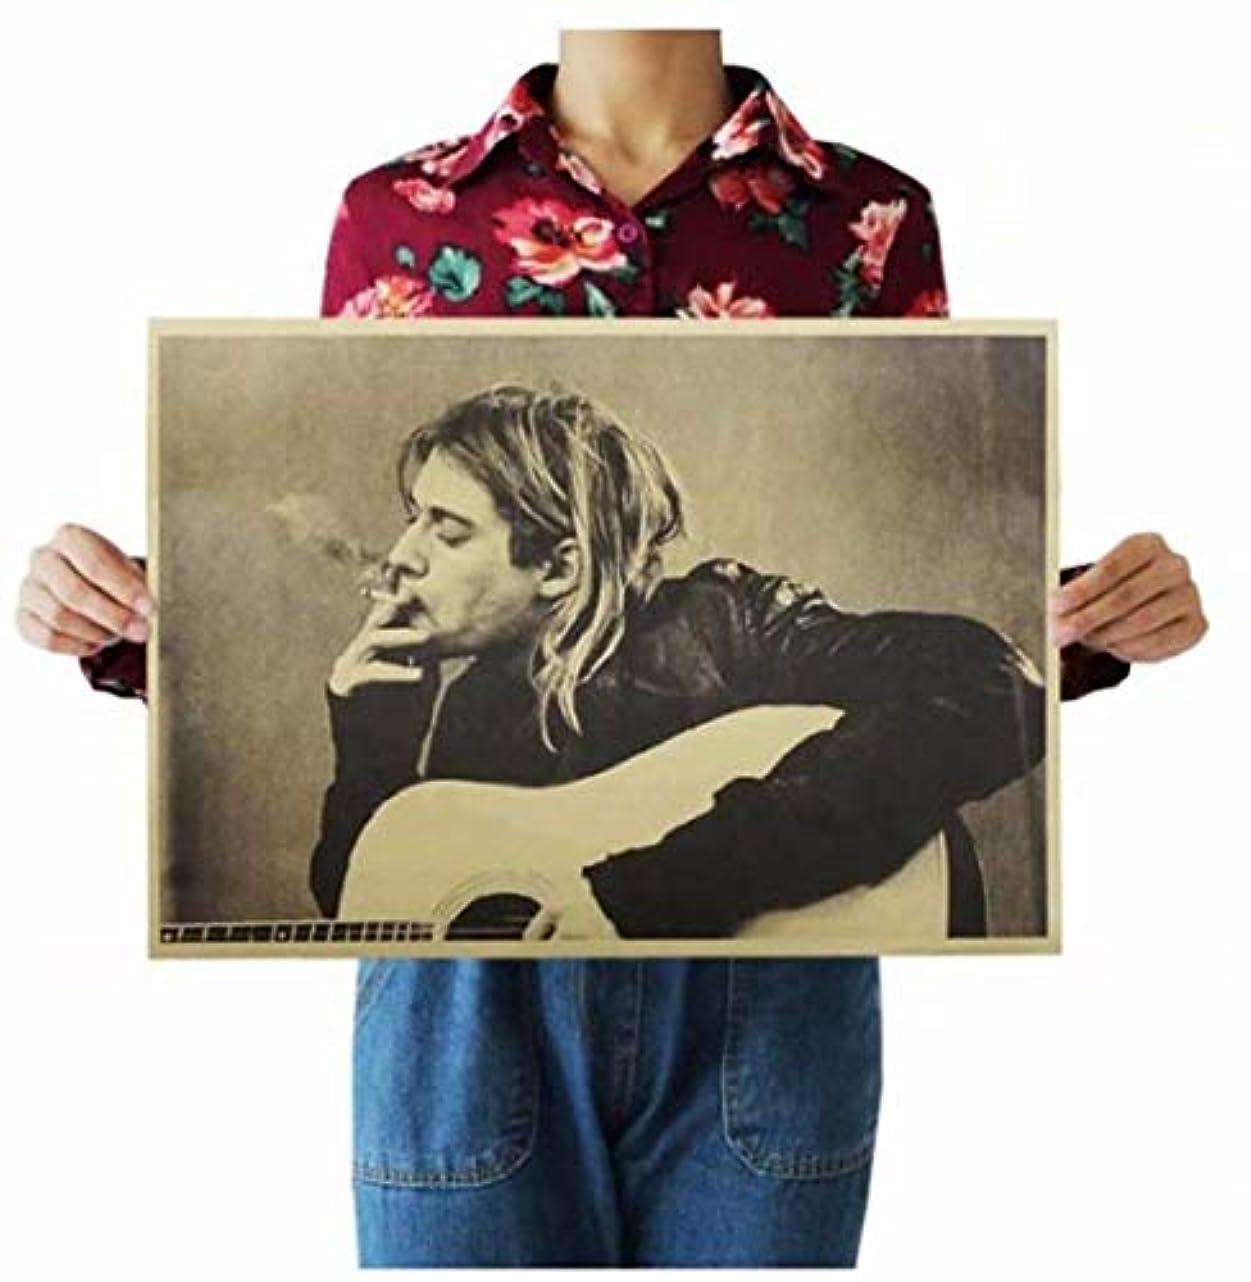 時間直感ミュウミュウ七里の香 プロフェッショナル クラシック映画のクラフト紙のポスターバールーム装飾